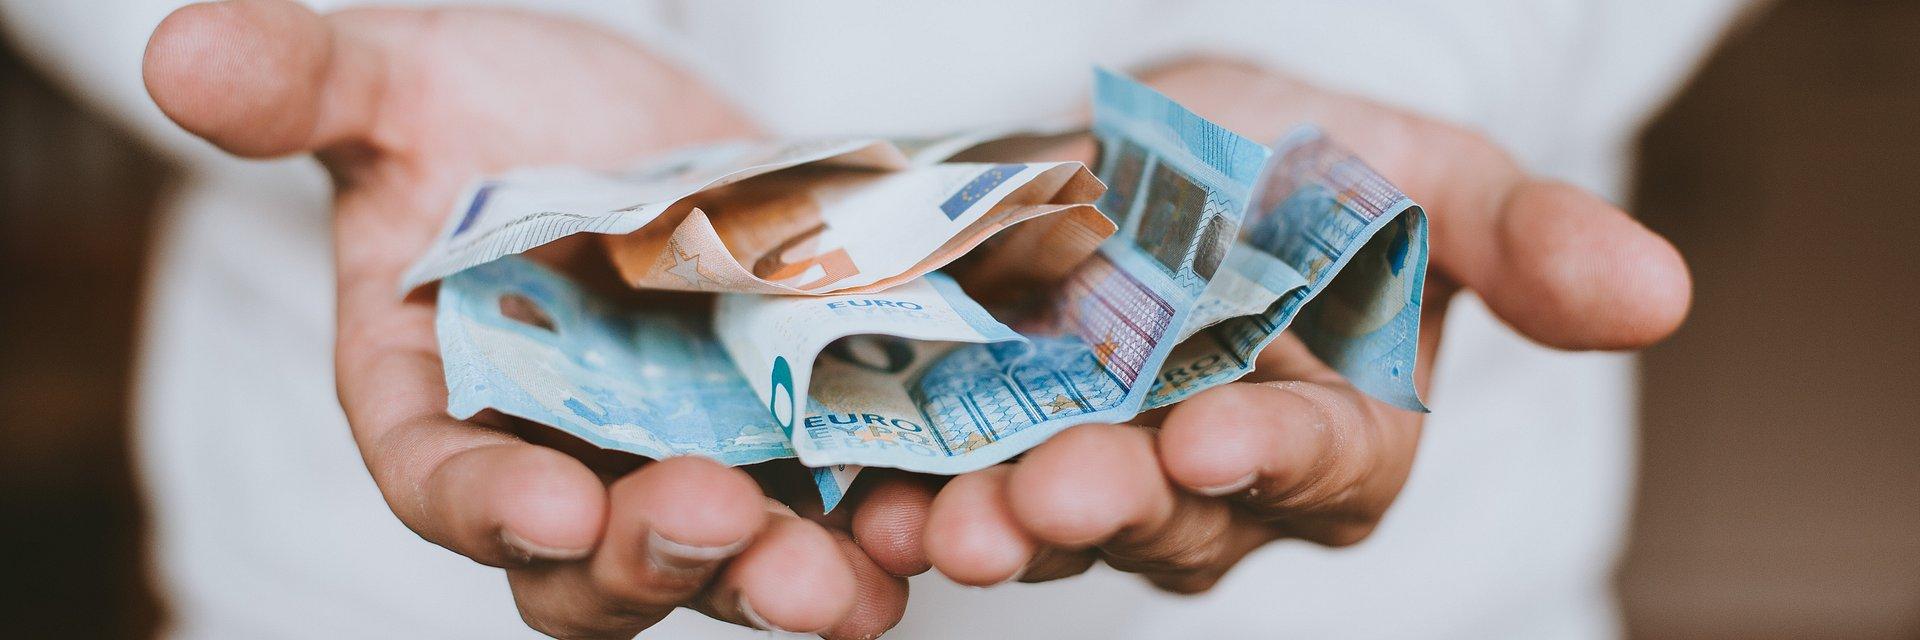 První čtvrtletí 2018: Úspěšný začátek roku pro investice